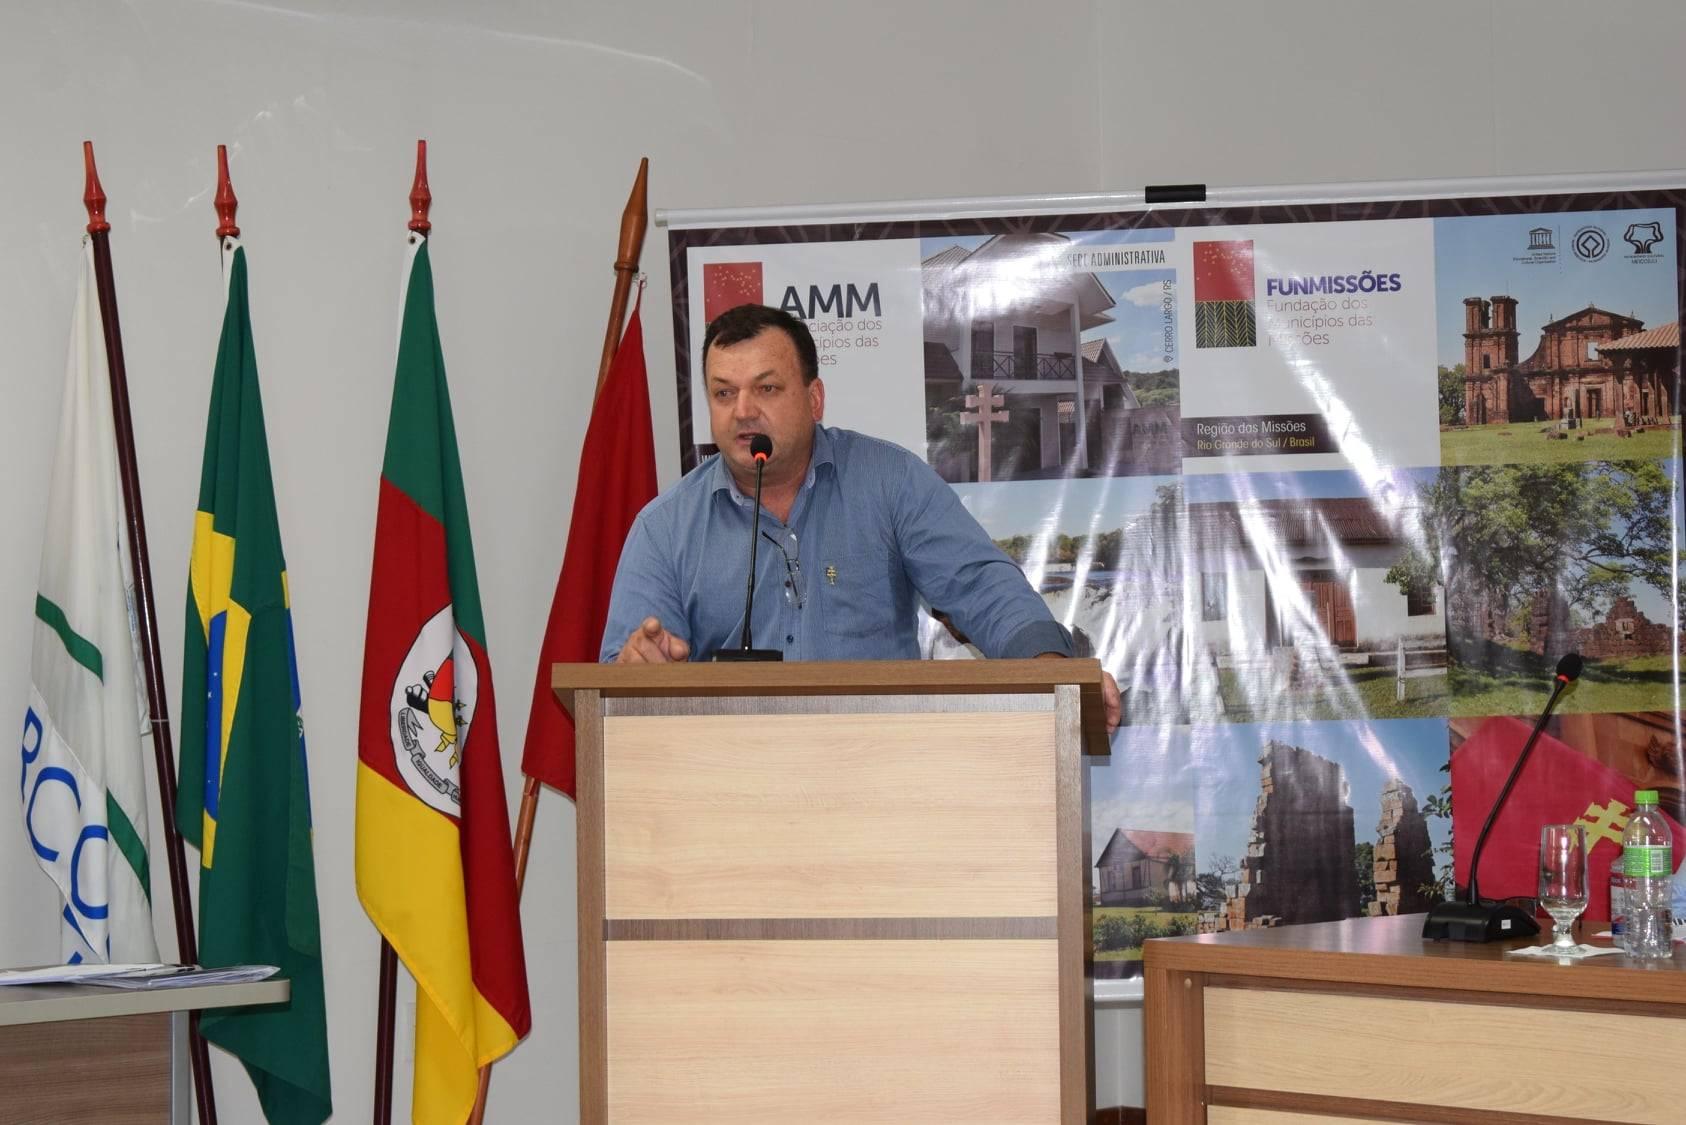 Presidente da AMM mostra preocupação com a situação da pandemia na região